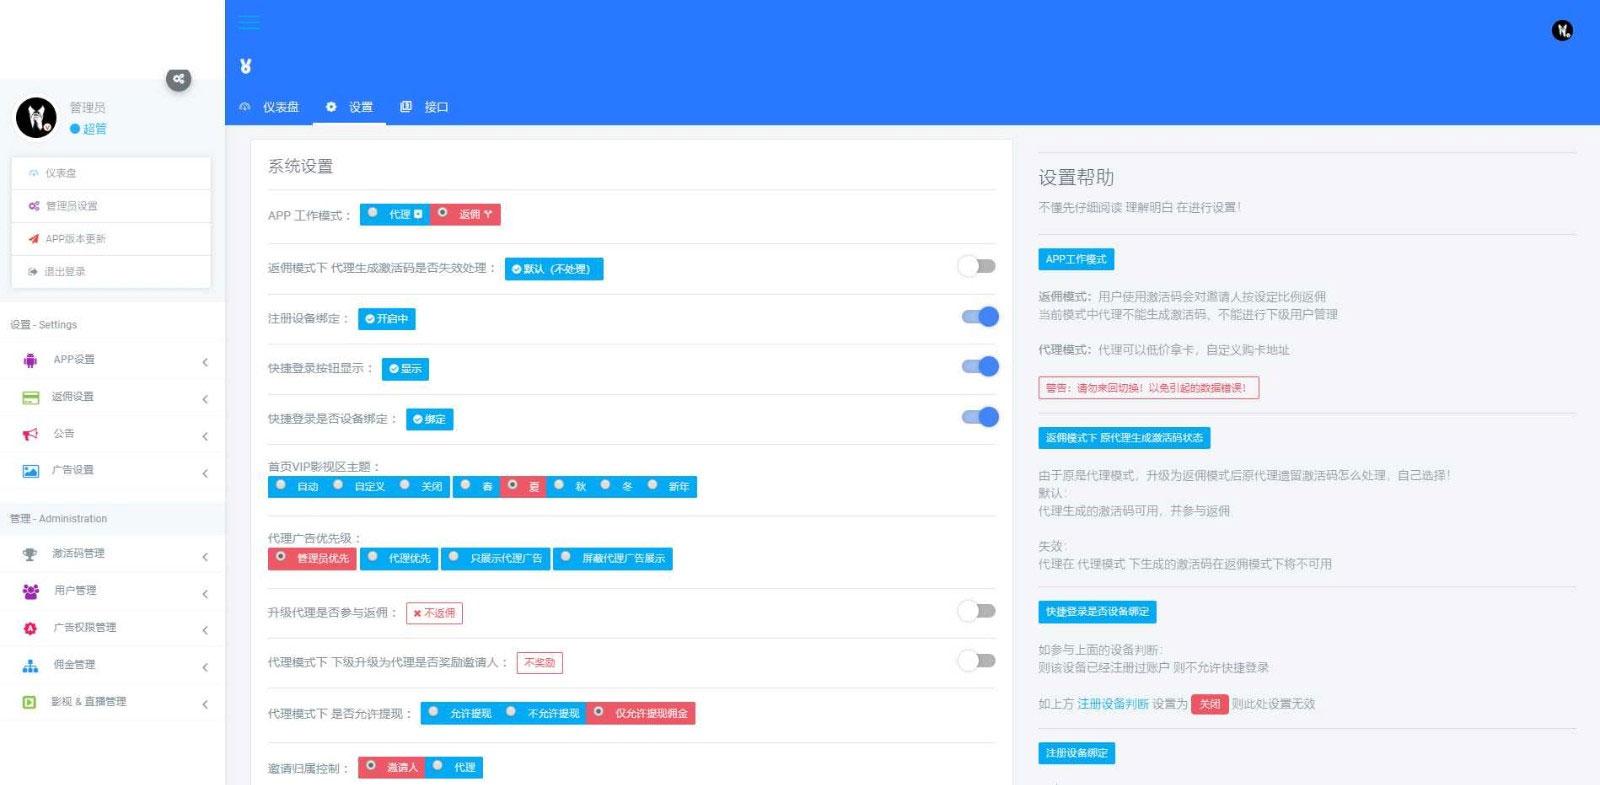 2020全新UI美化版APICLOUD千月双端影视视频APP源码-PHP源吧